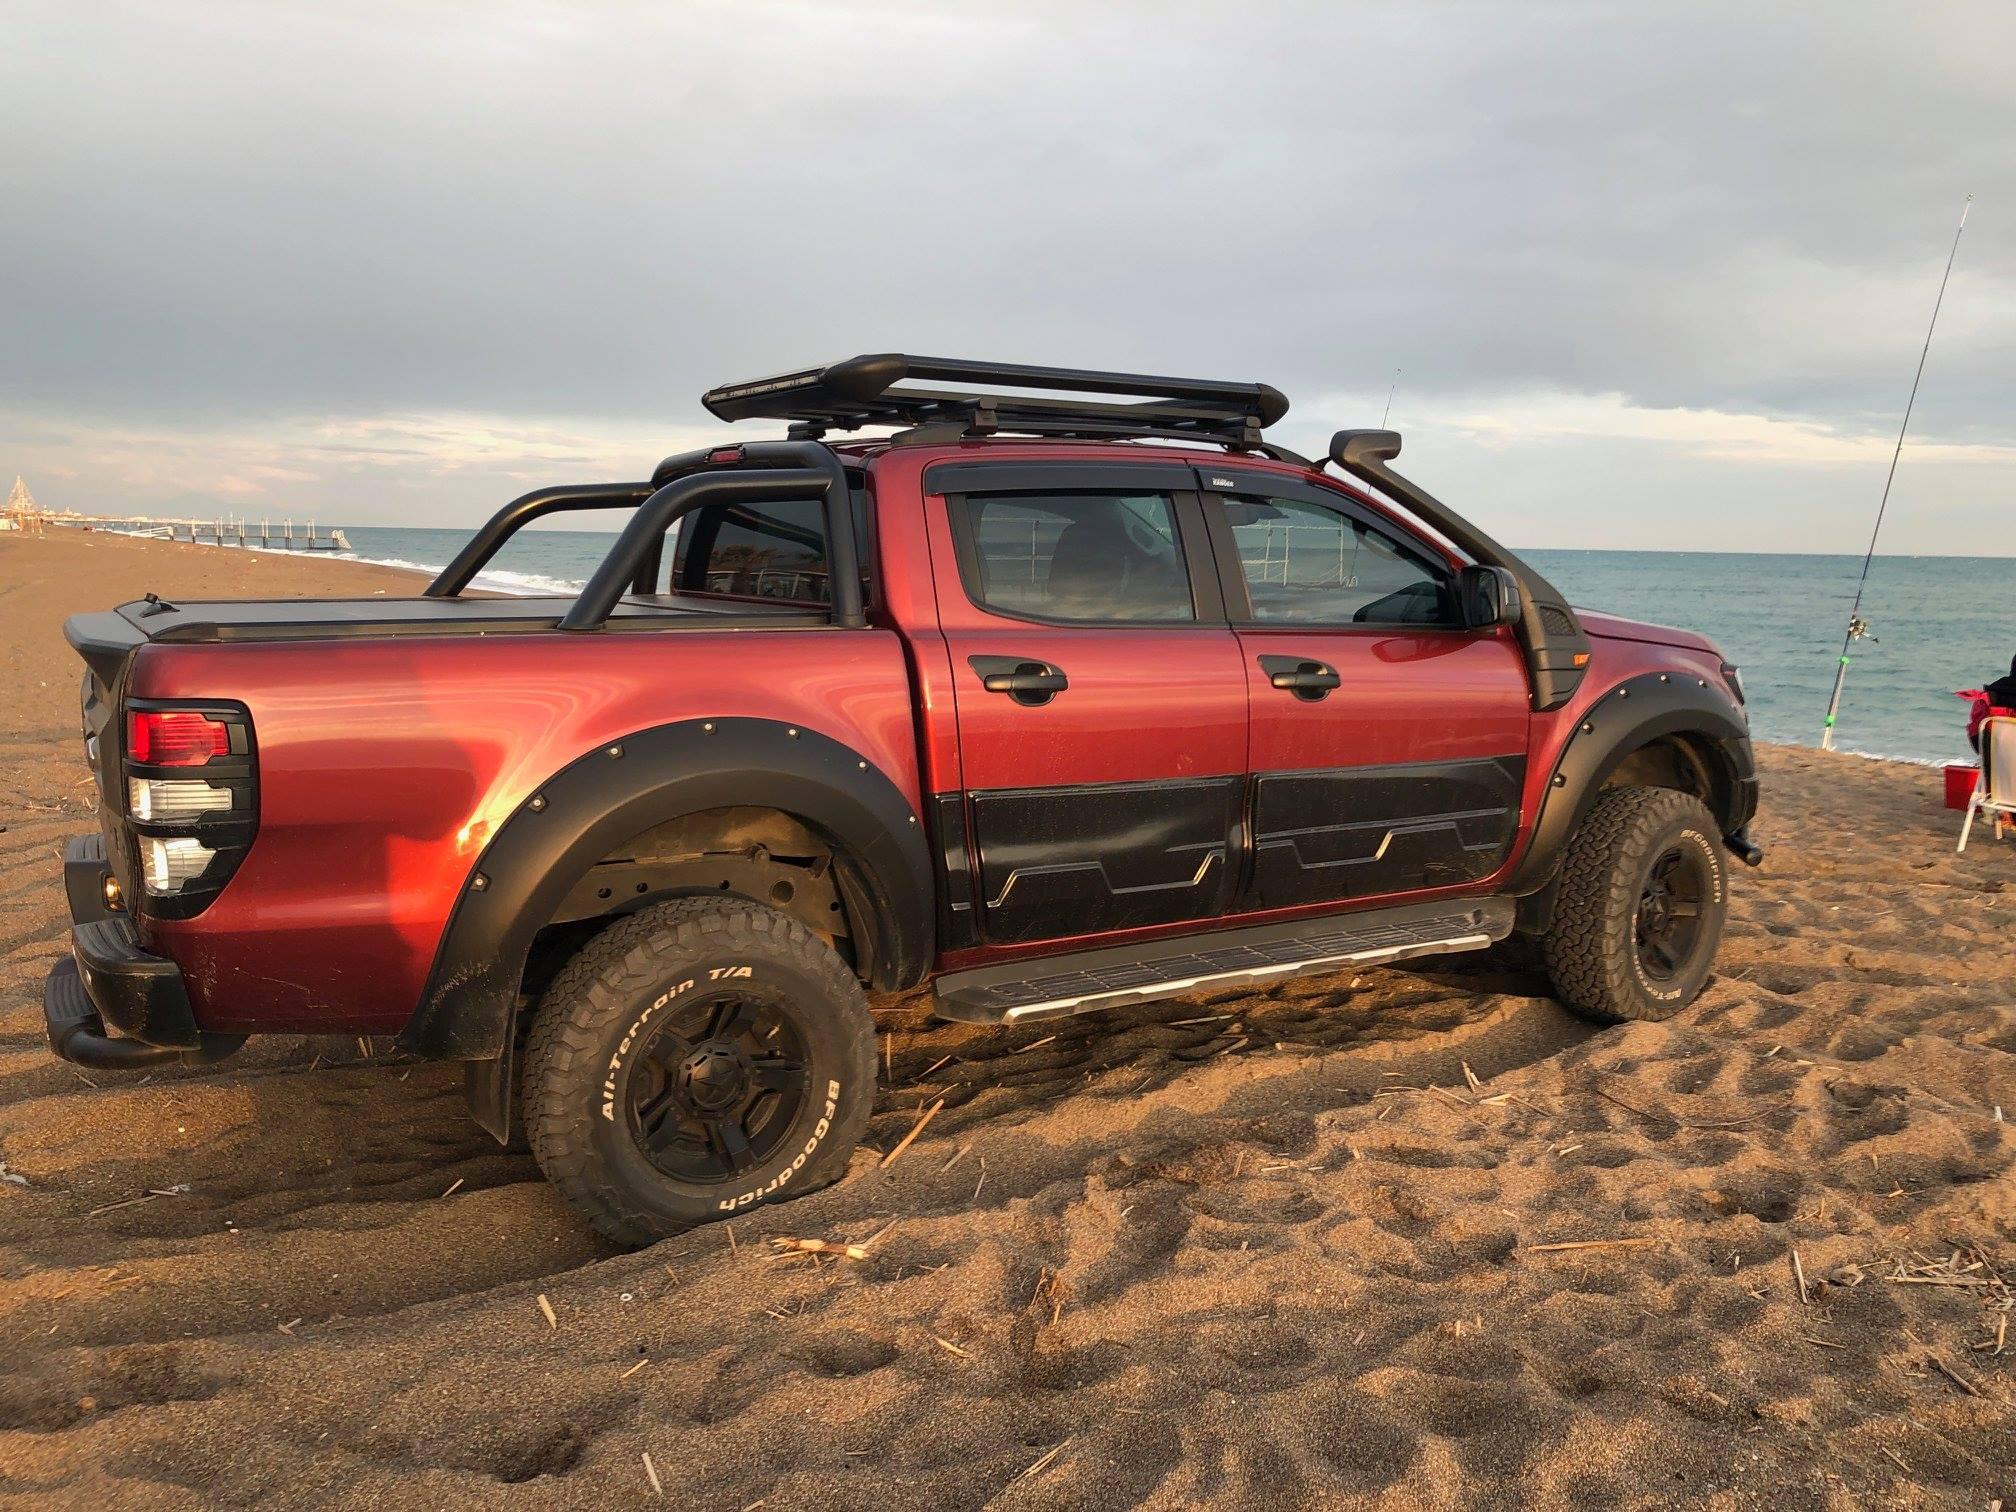 Ford Ranger Raptor Model Full Aksesuar Off Road